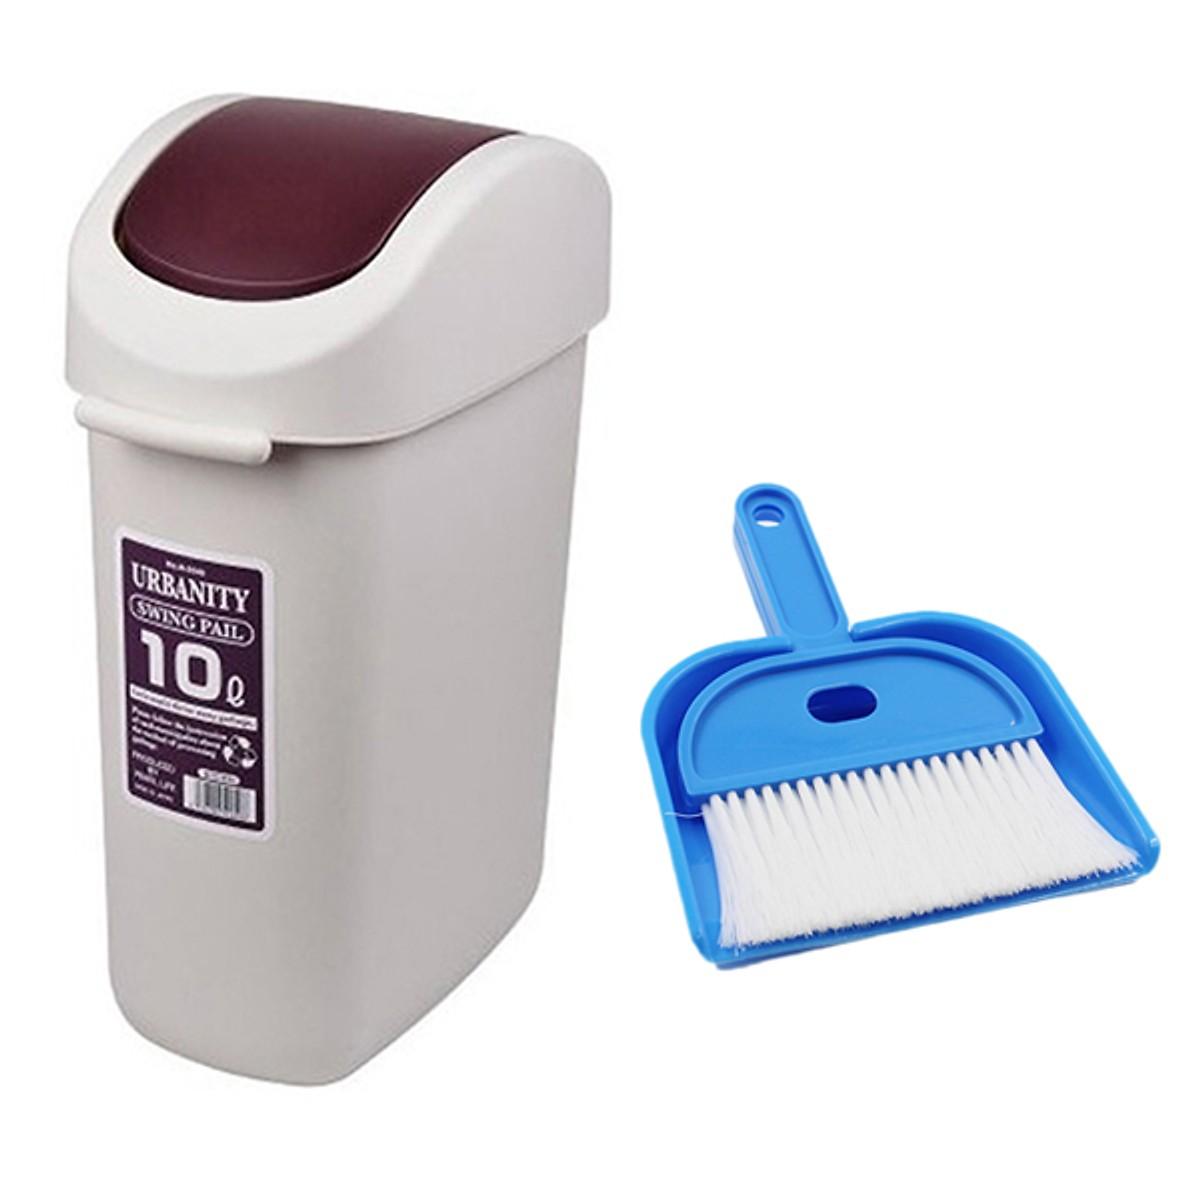 Combo vệ sinh nhà cửa: Thùng rác + bộ hót rác nhỏ gọn - Japan - 16173441 , 8559289969802 , 62_22560442 , 450000 , Combo-ve-sinh-nha-cua-Thung-rac-bo-hot-rac-nho-gon-Japan-62_22560442 , tiki.vn , Combo vệ sinh nhà cửa: Thùng rác + bộ hót rác nhỏ gọn - Japan